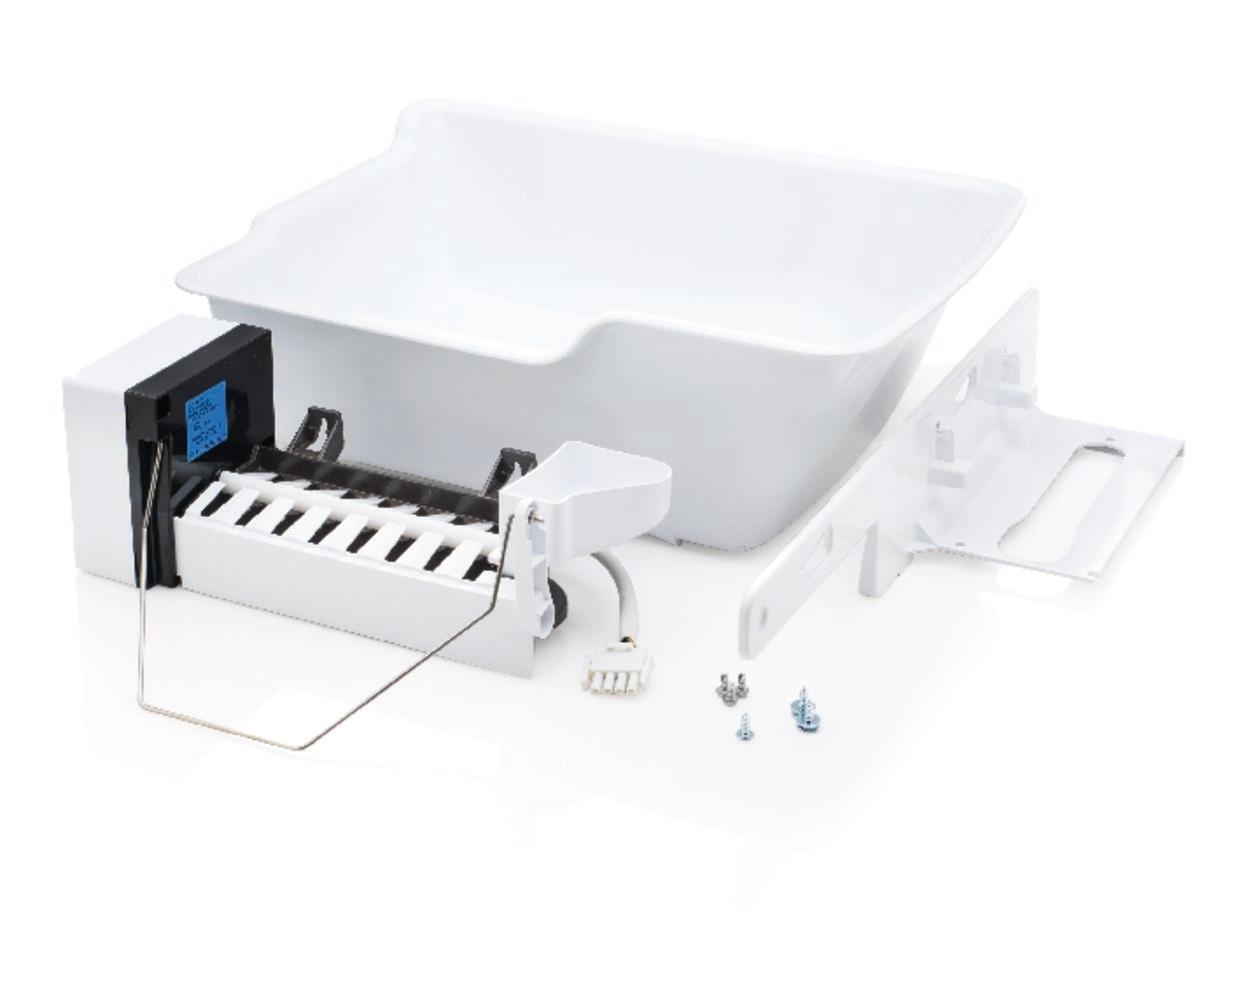 French Door Bottom Mount Ice Maker Kit, Standard-Depth